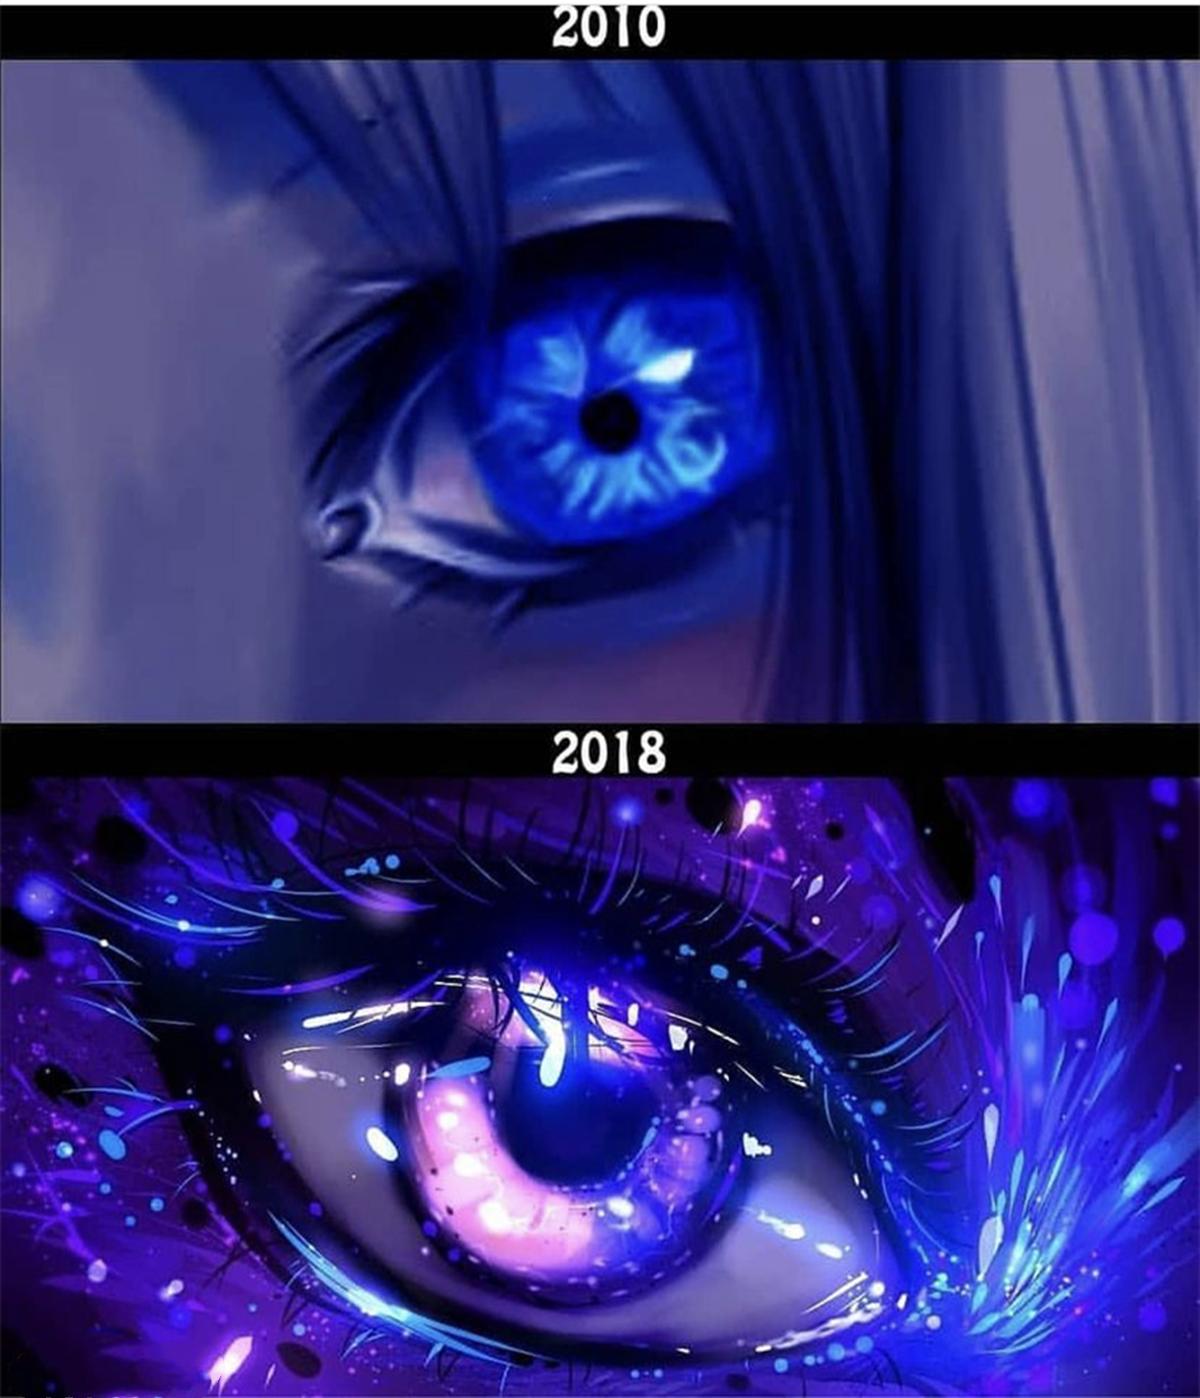 畫師用了十來年時間提高畫技,成為了一個畫眼睛的高手